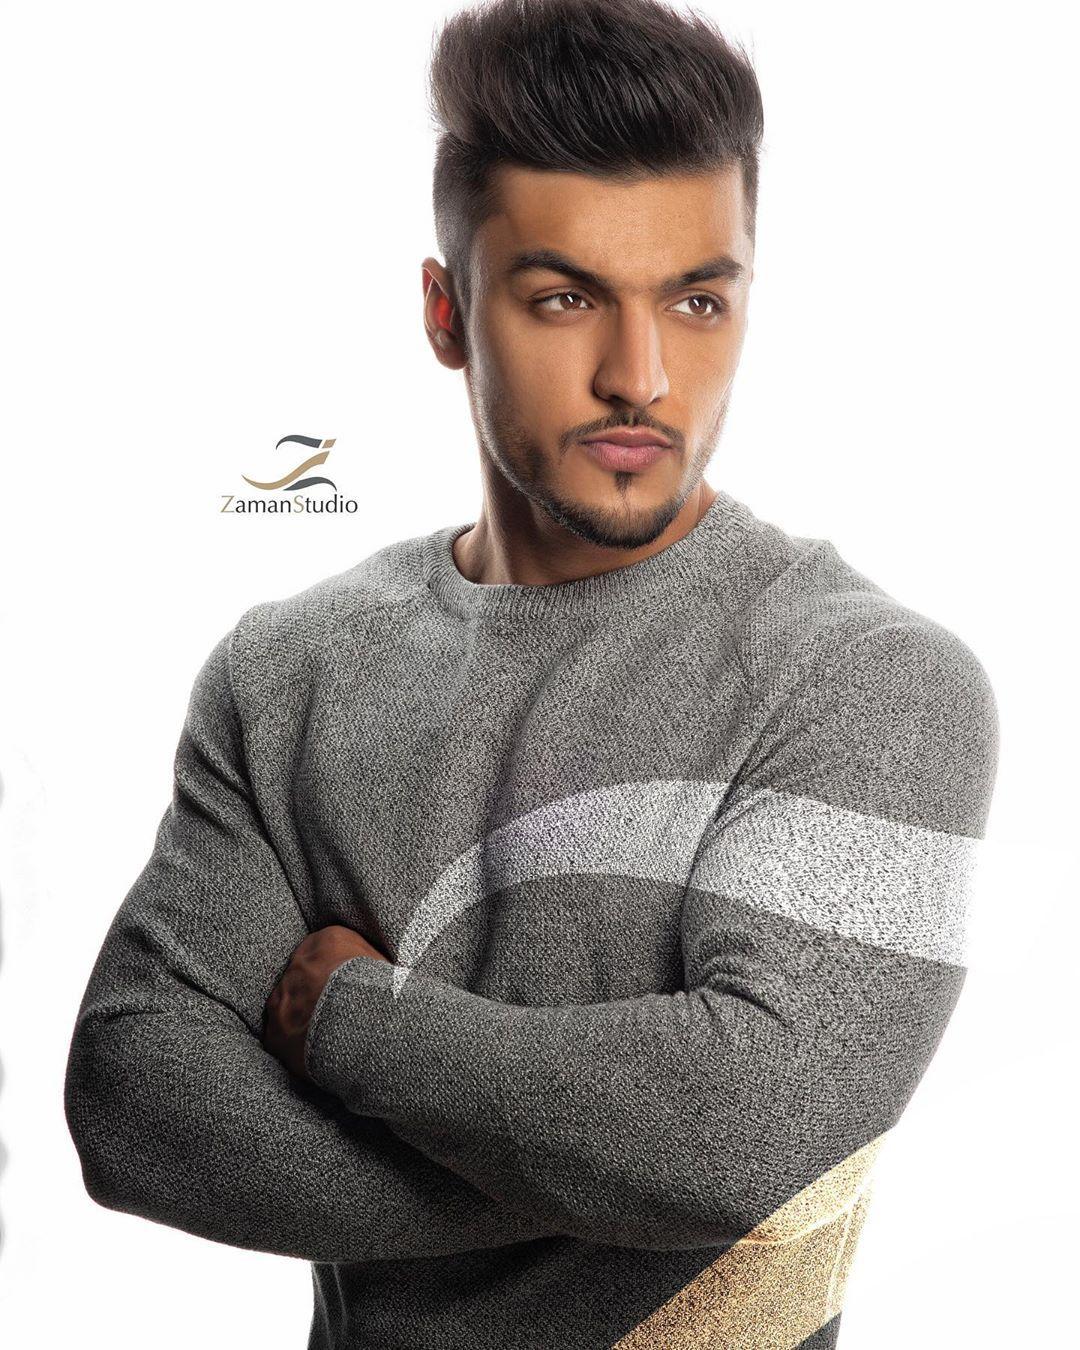 تصوير المتقدمين للي تم اختيارهم للمودل الرجال ولفتنس في شهر يناير و فبراير Fitness Fit Workouts Fitnessmo Men Sweater Fashion Sweaters